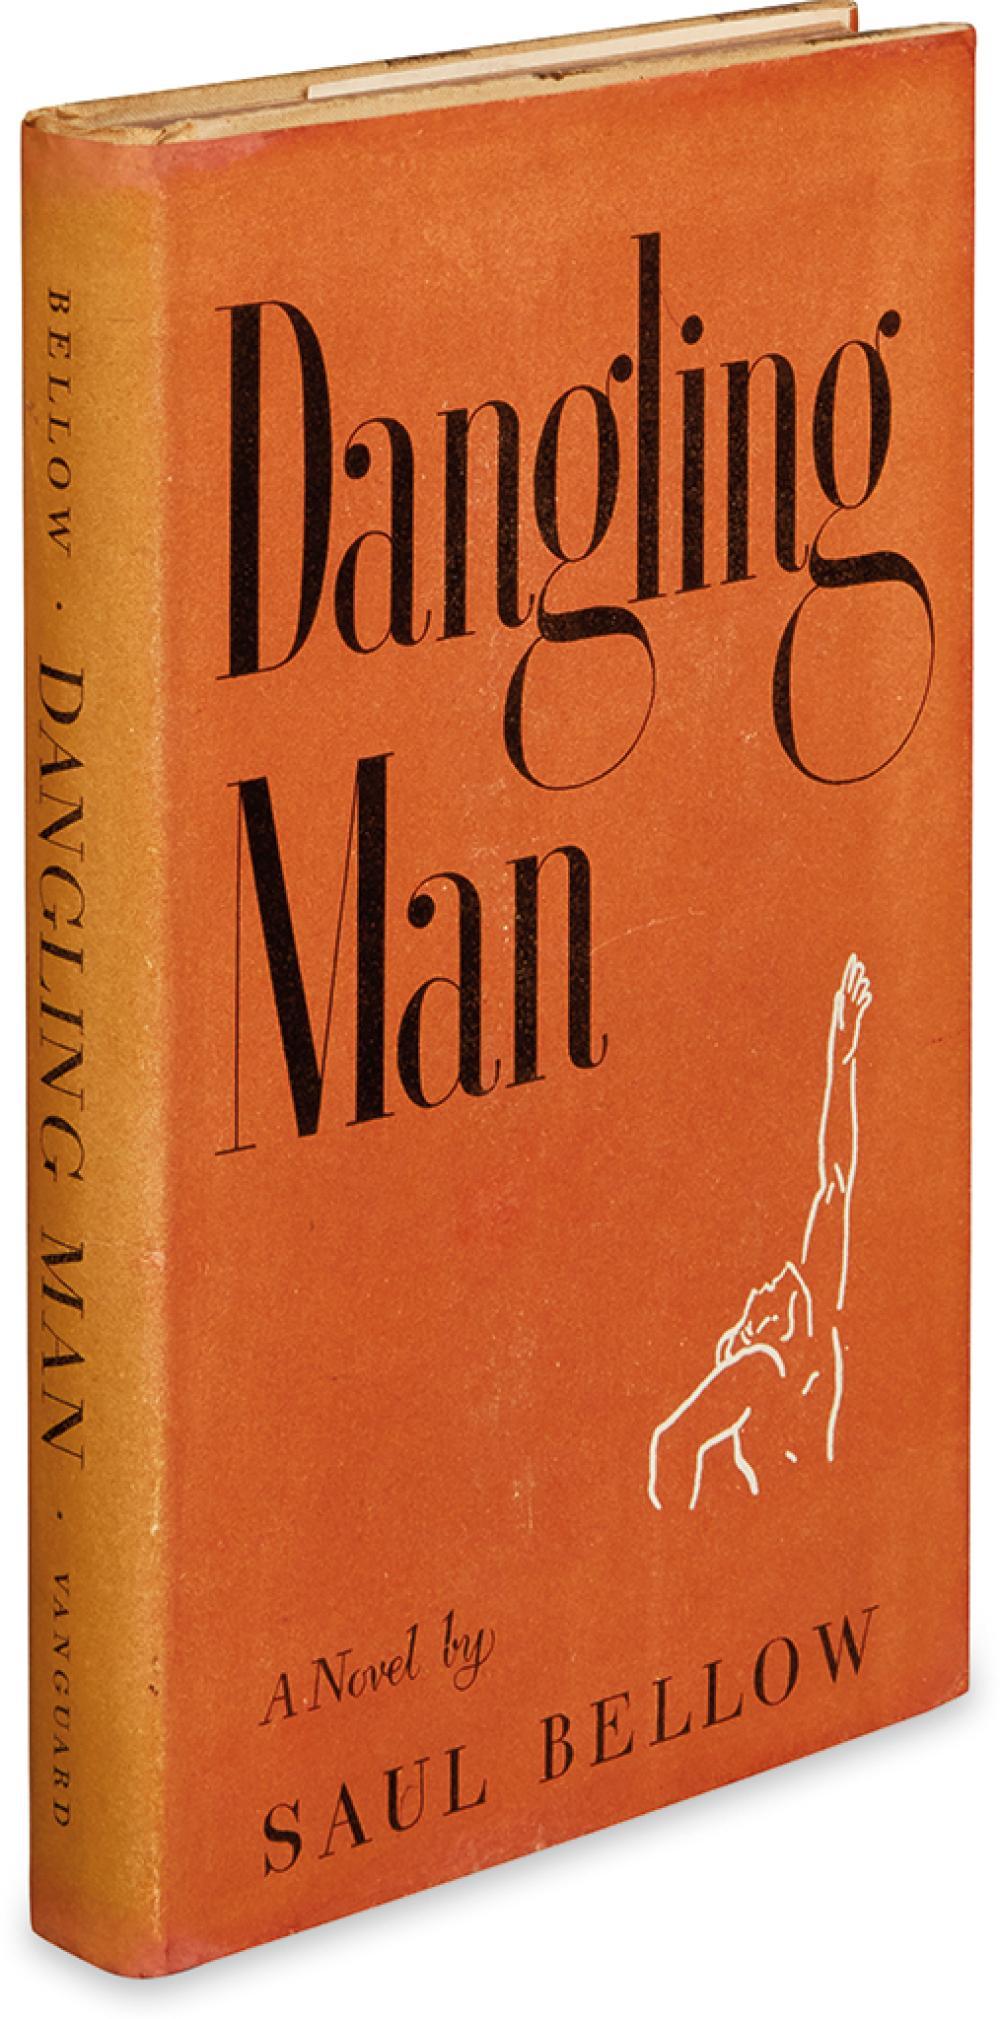 BELLOW, SAUL. Dangling Man.